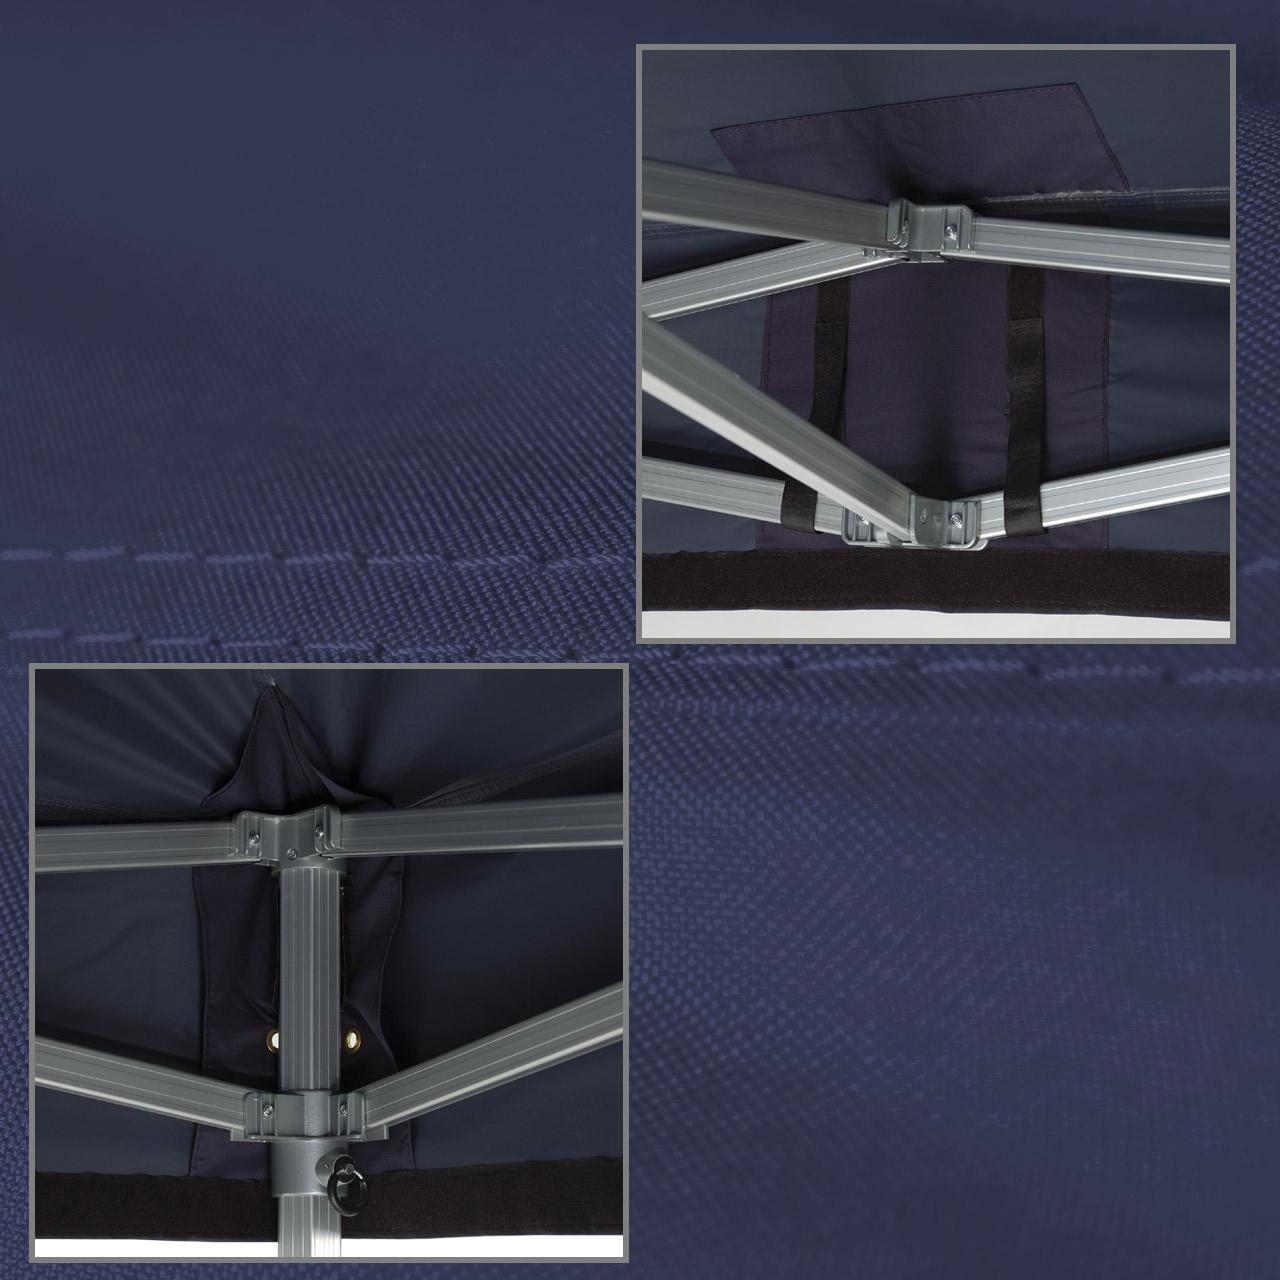 Faltpavillon-3x4-5-blau-Plane